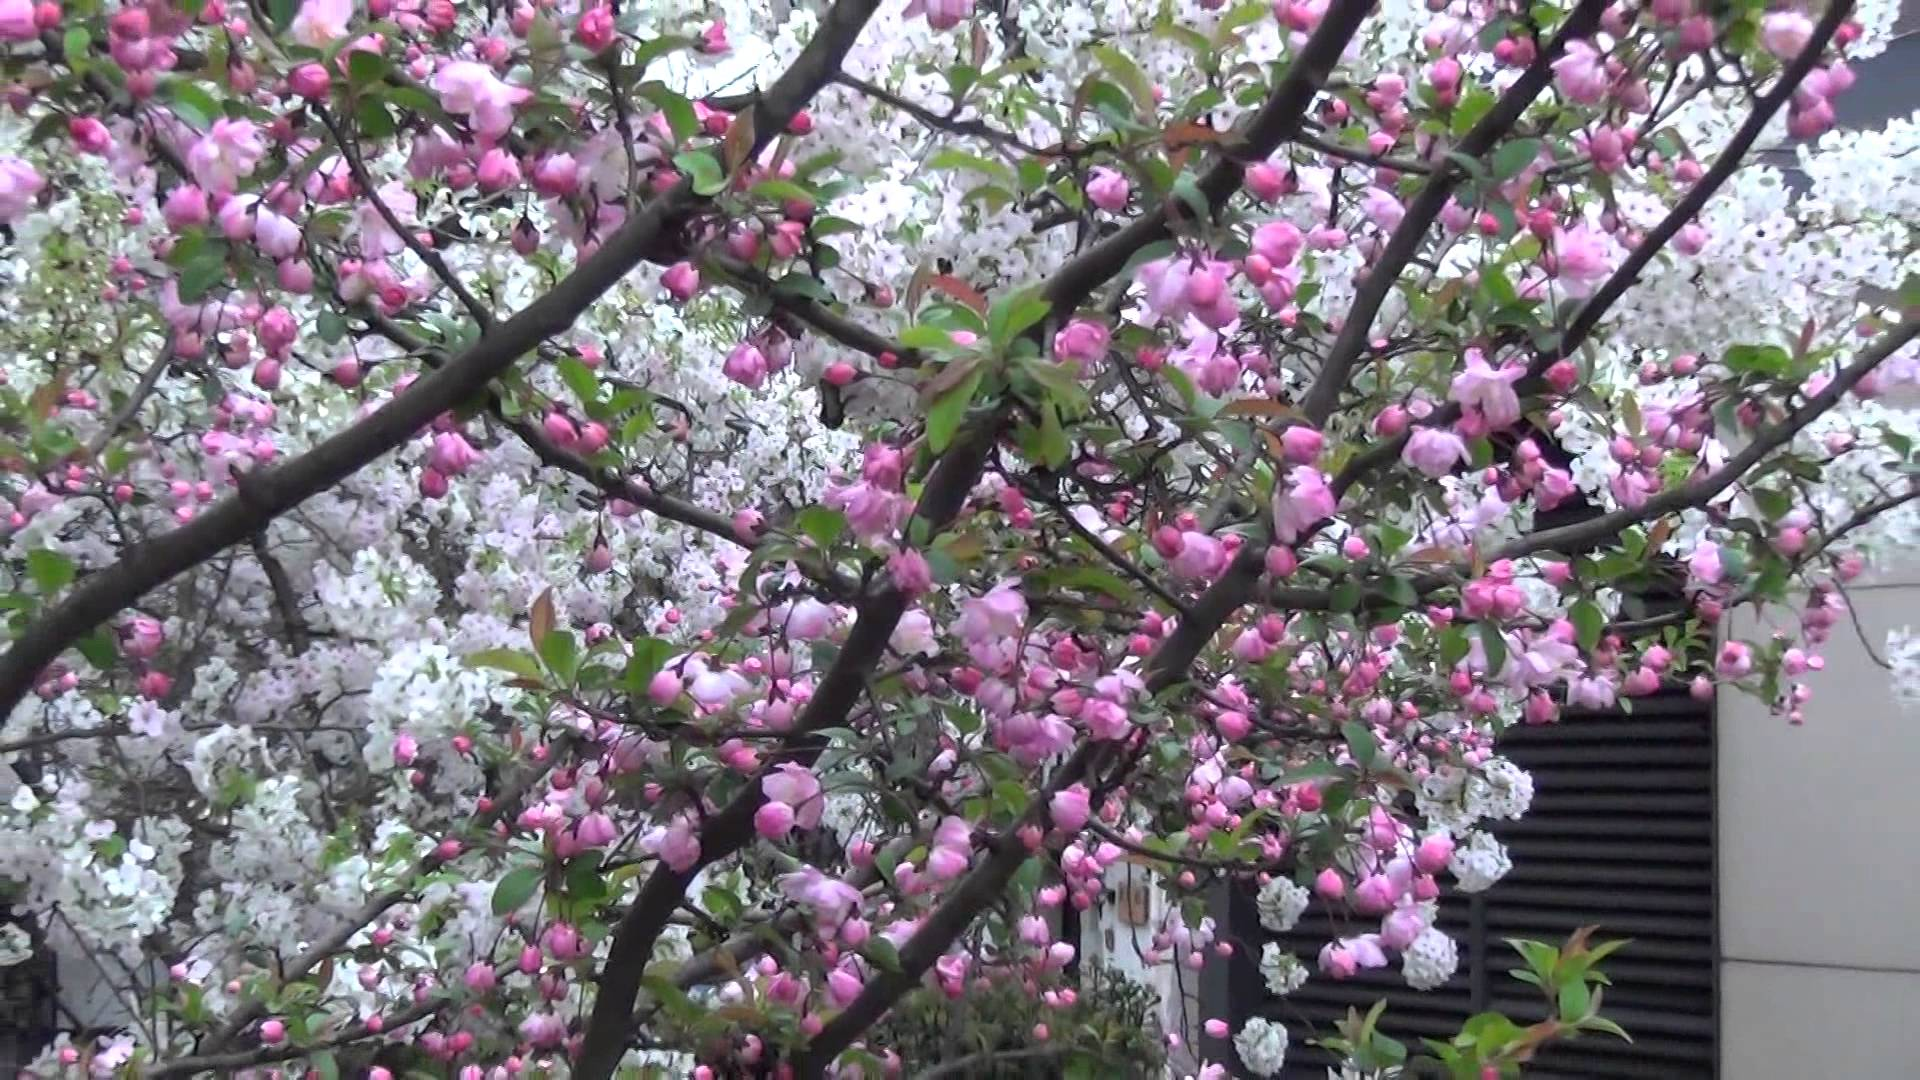 京都 四条木屋町「高瀬川沿いの桜並木」は、ライトアップ前とライトアップ後はどちらがきれいか?